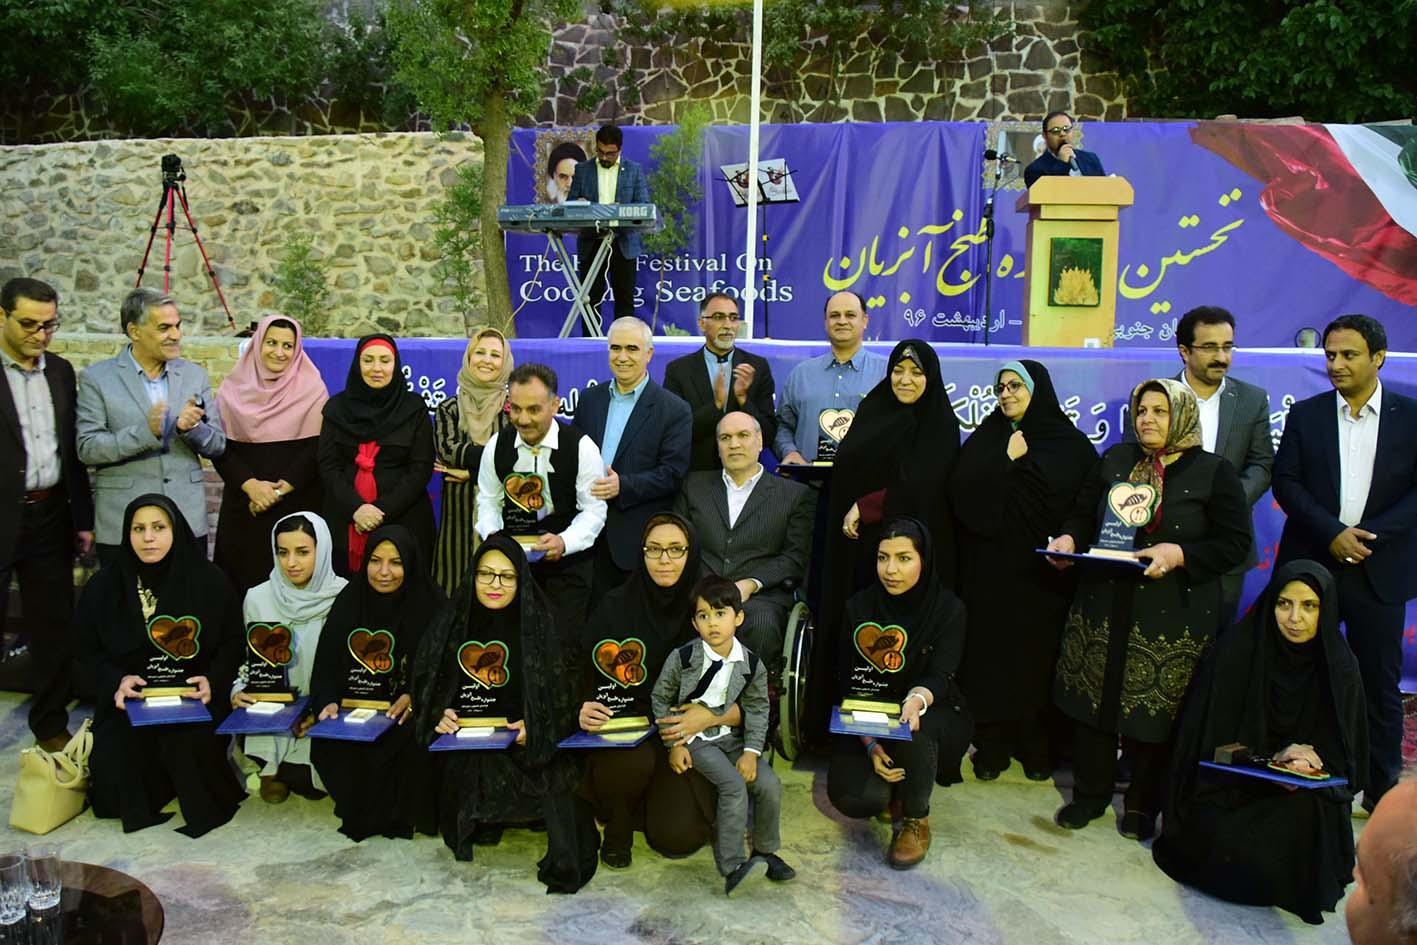 اولين جشنواره طبخ غذاي آبزيان برگزار گرديد